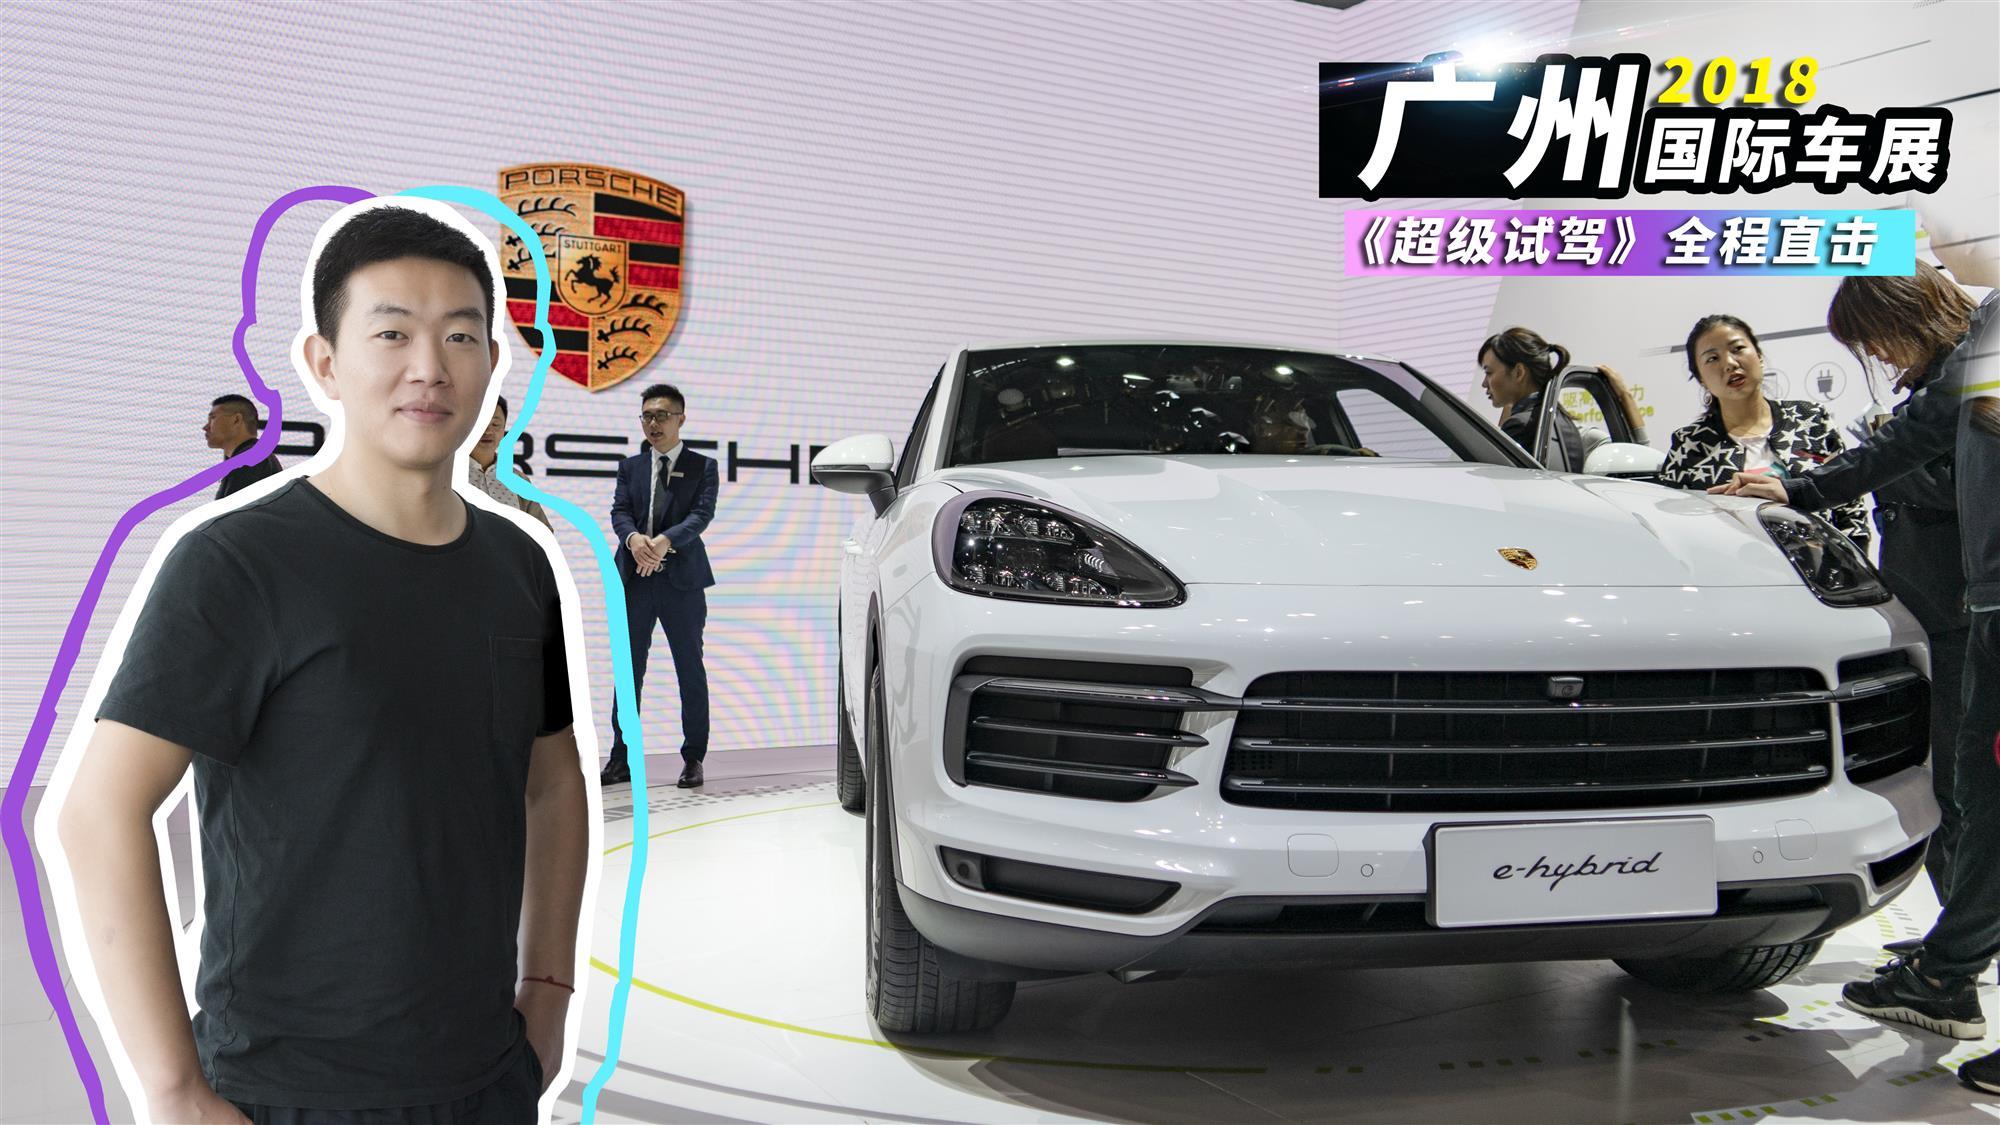 94.8万!保时捷全新Cayenne E-Hybrid广州车展上市